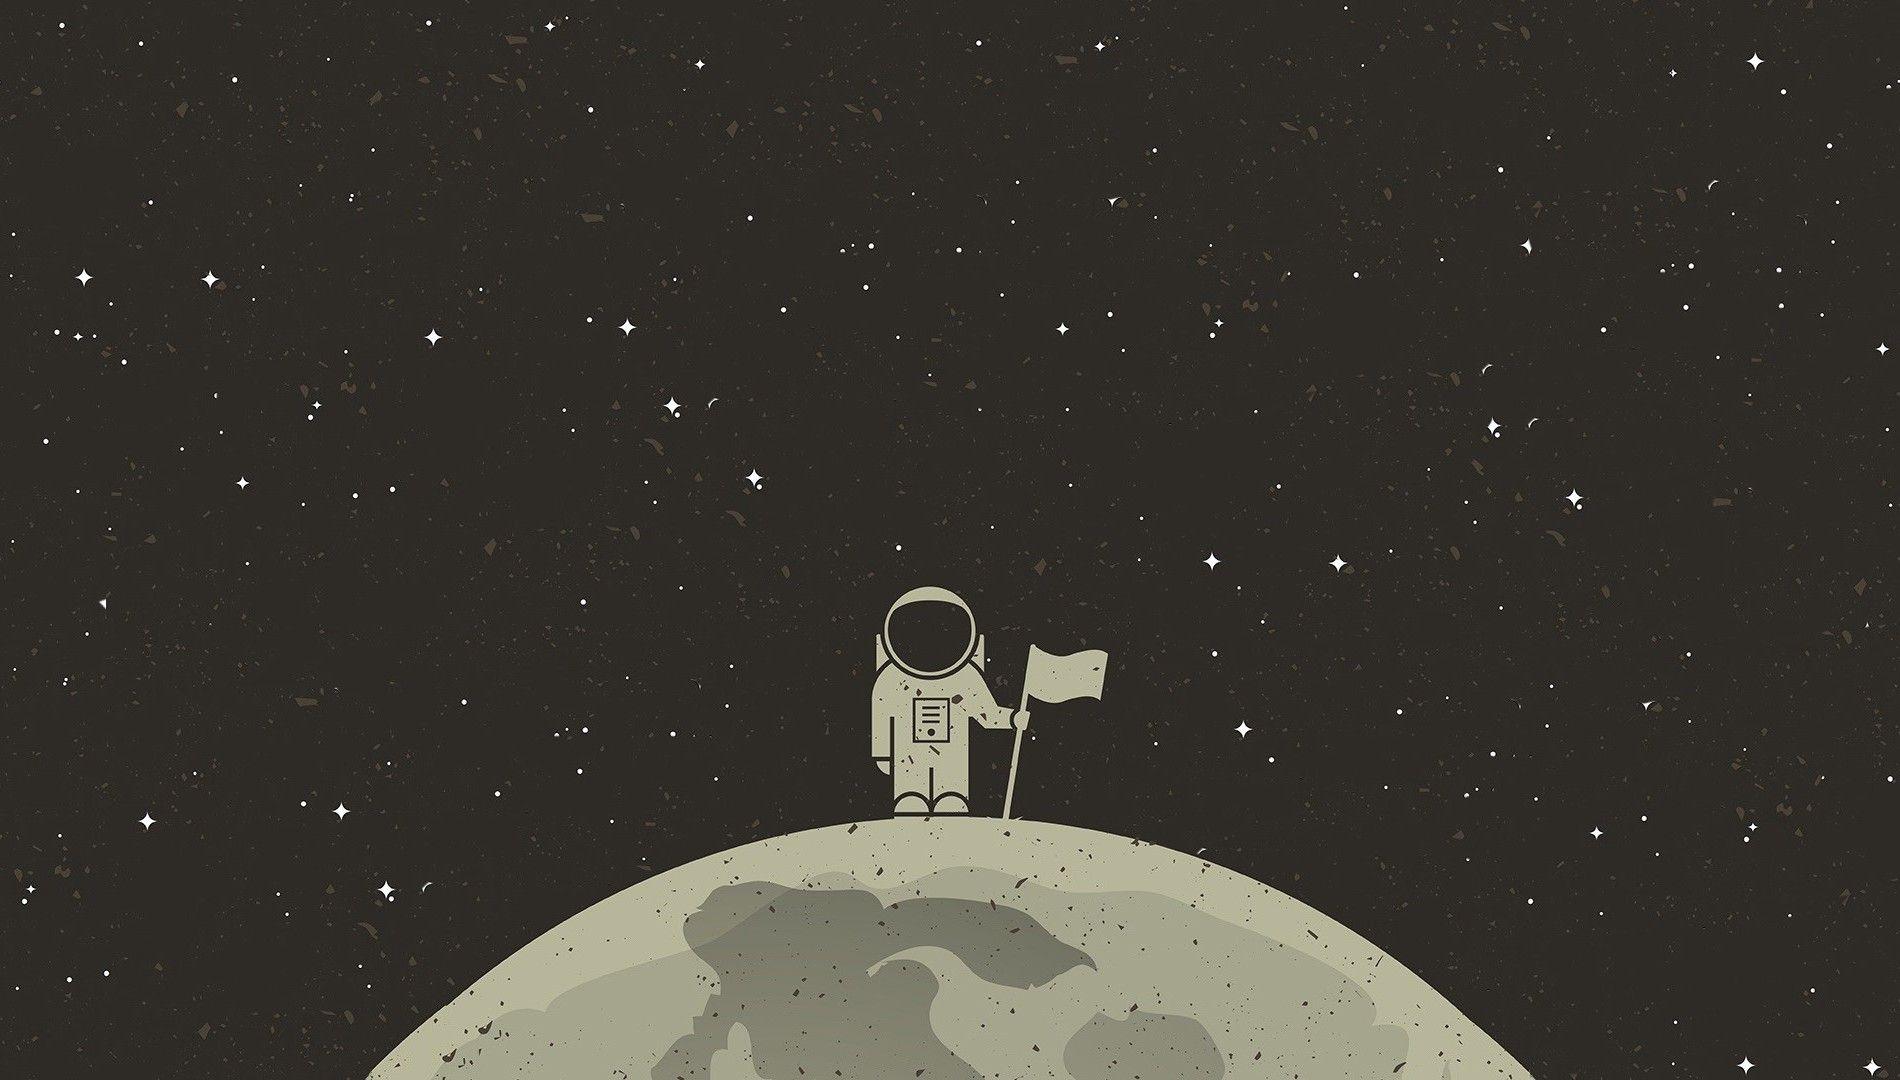 Astronaut Desktop Backgrounds - Science Fiction Simple Backgrounds , HD Wallpaper & Backgrounds